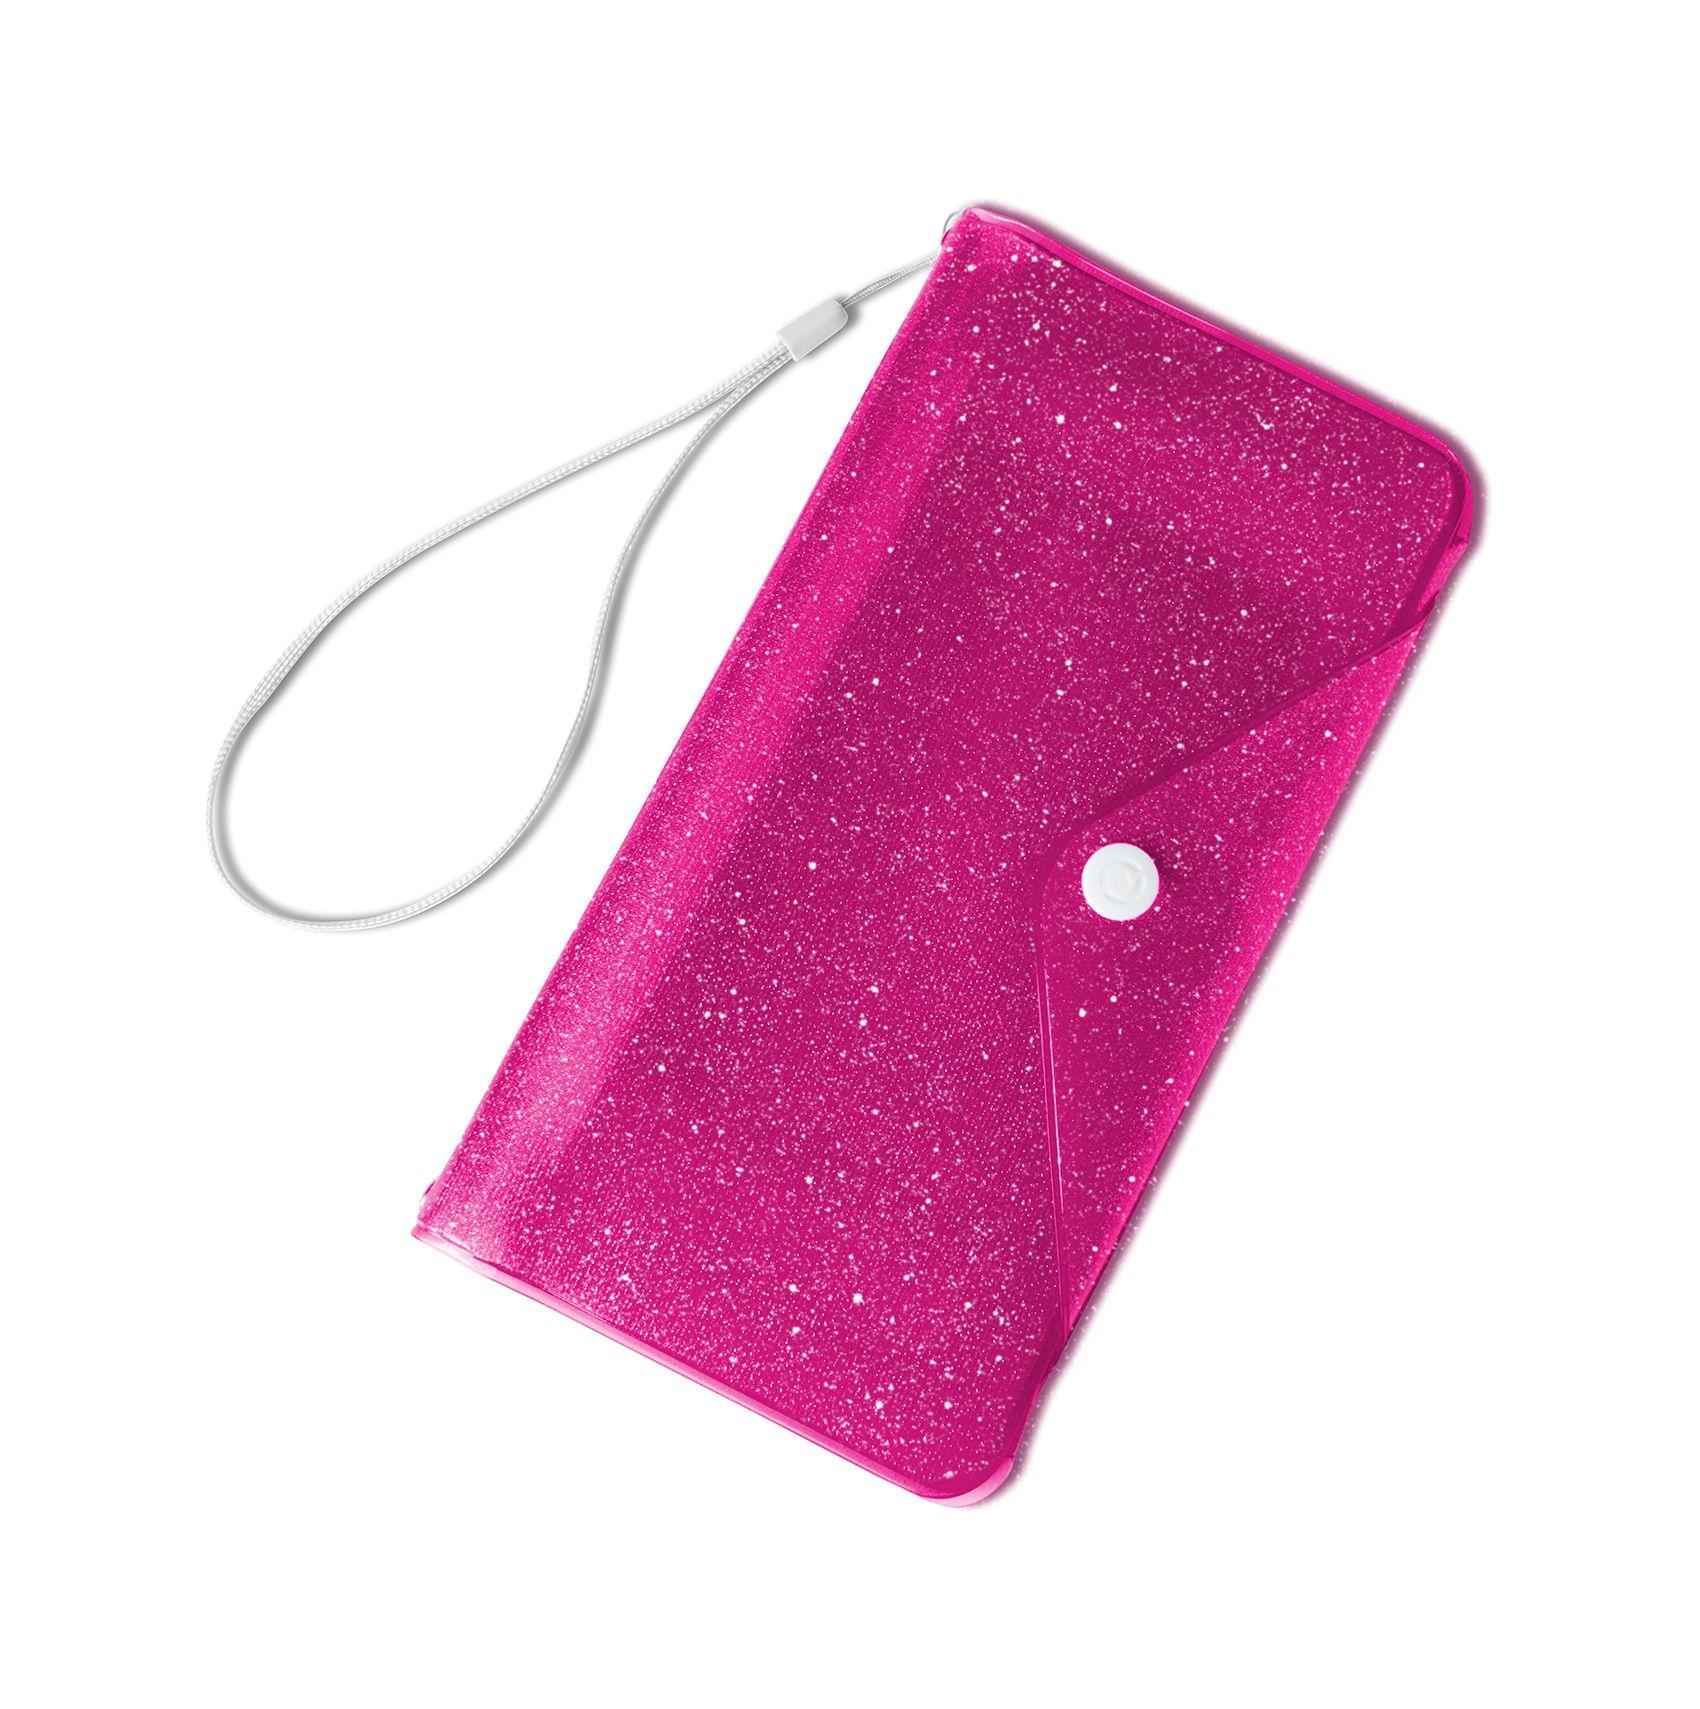 """Univerzální voděodolné pouzdro s peněženkou CELLY Splash Wallet pro telefony 6,2 """", růžové"""